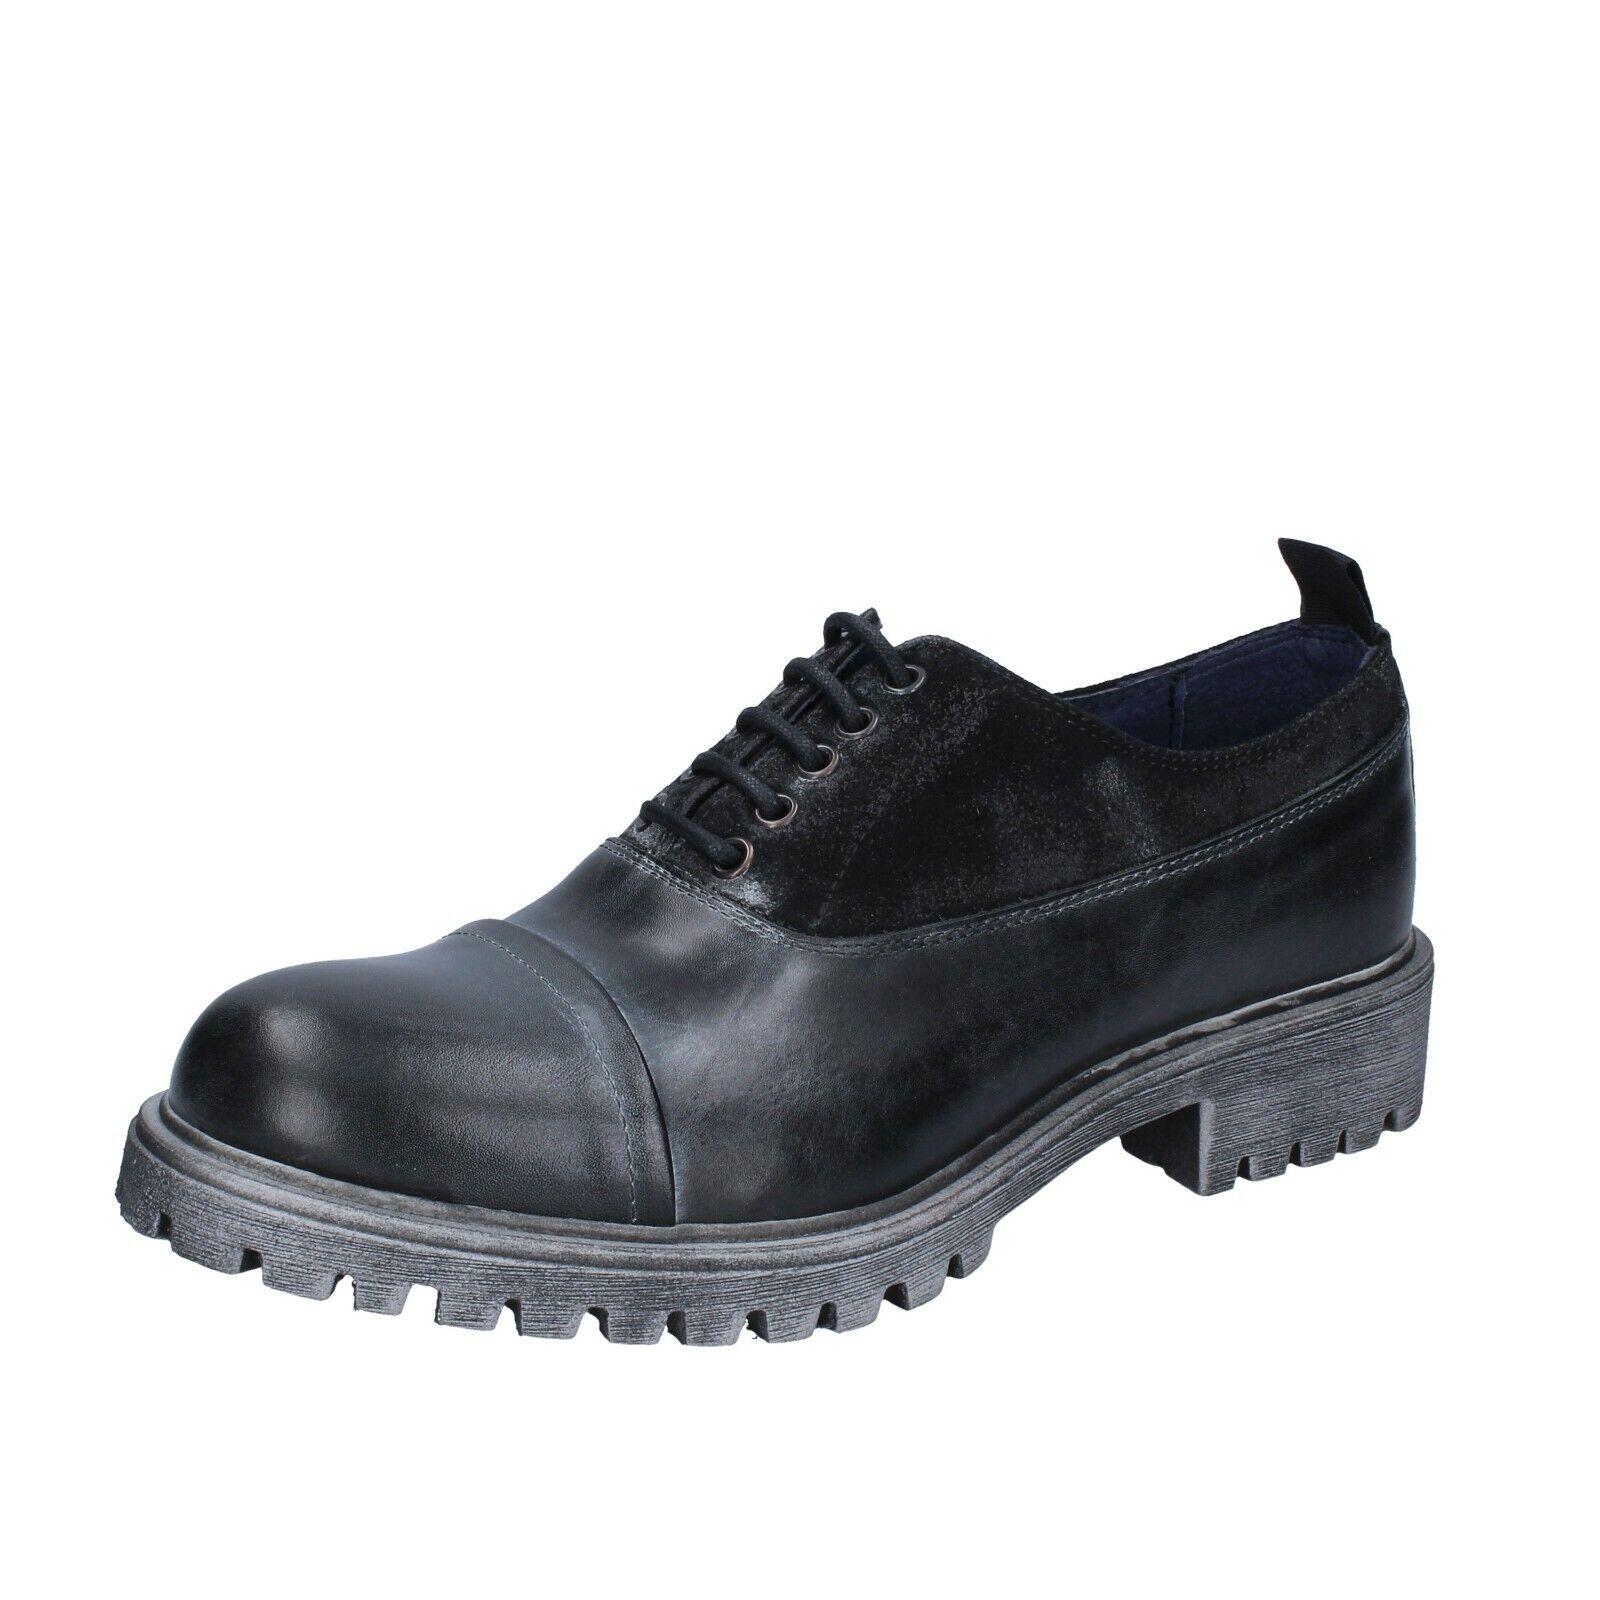 Homme Chaussures ossiani 6 (UE 40) noir élégant cuir daim BS724-40